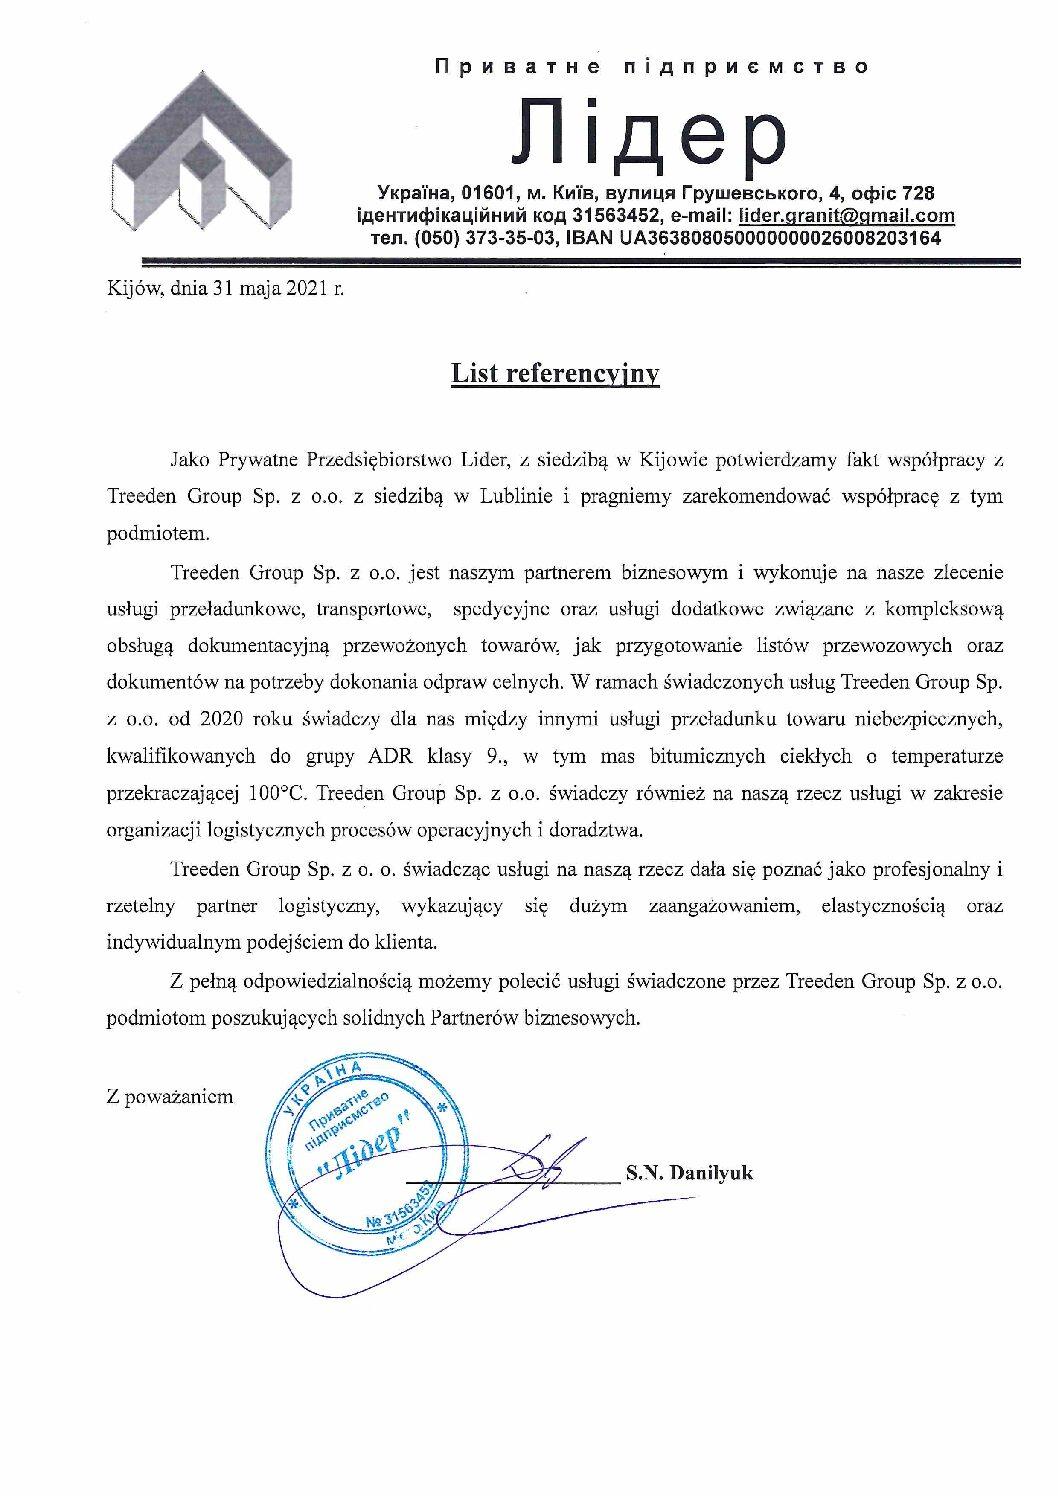 referencje-lider_21_05_31